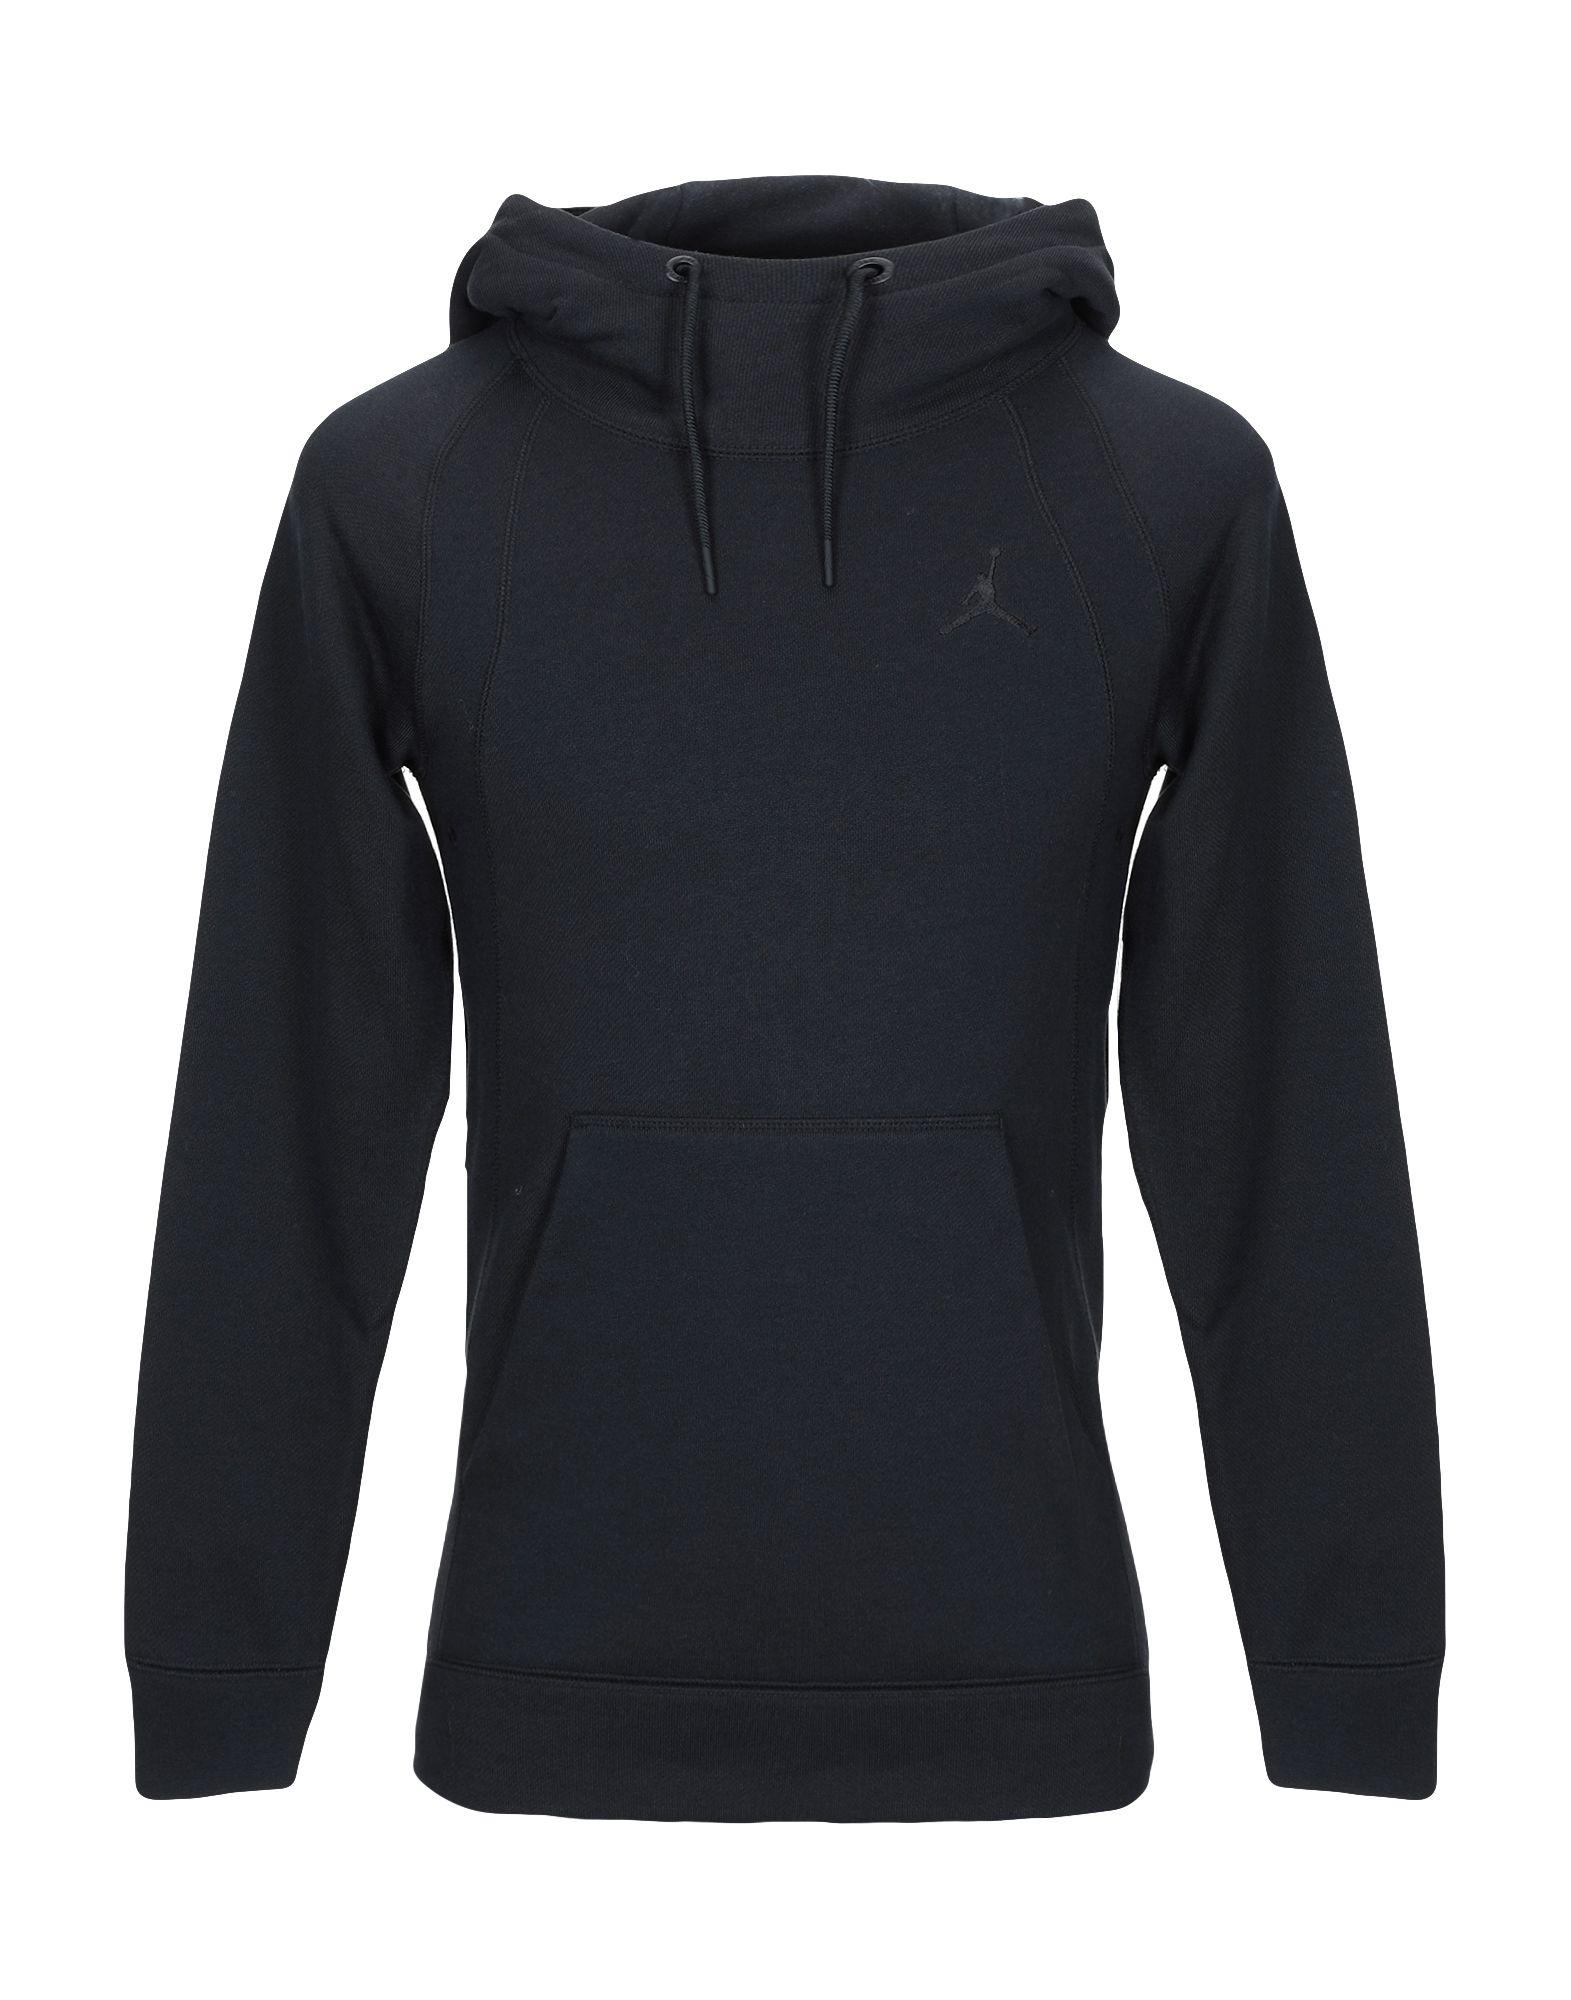 8931e9f536bbe8 Jordan Hooded Sweatshirt - Men Jordan Hooded Sweatshirts online on ...